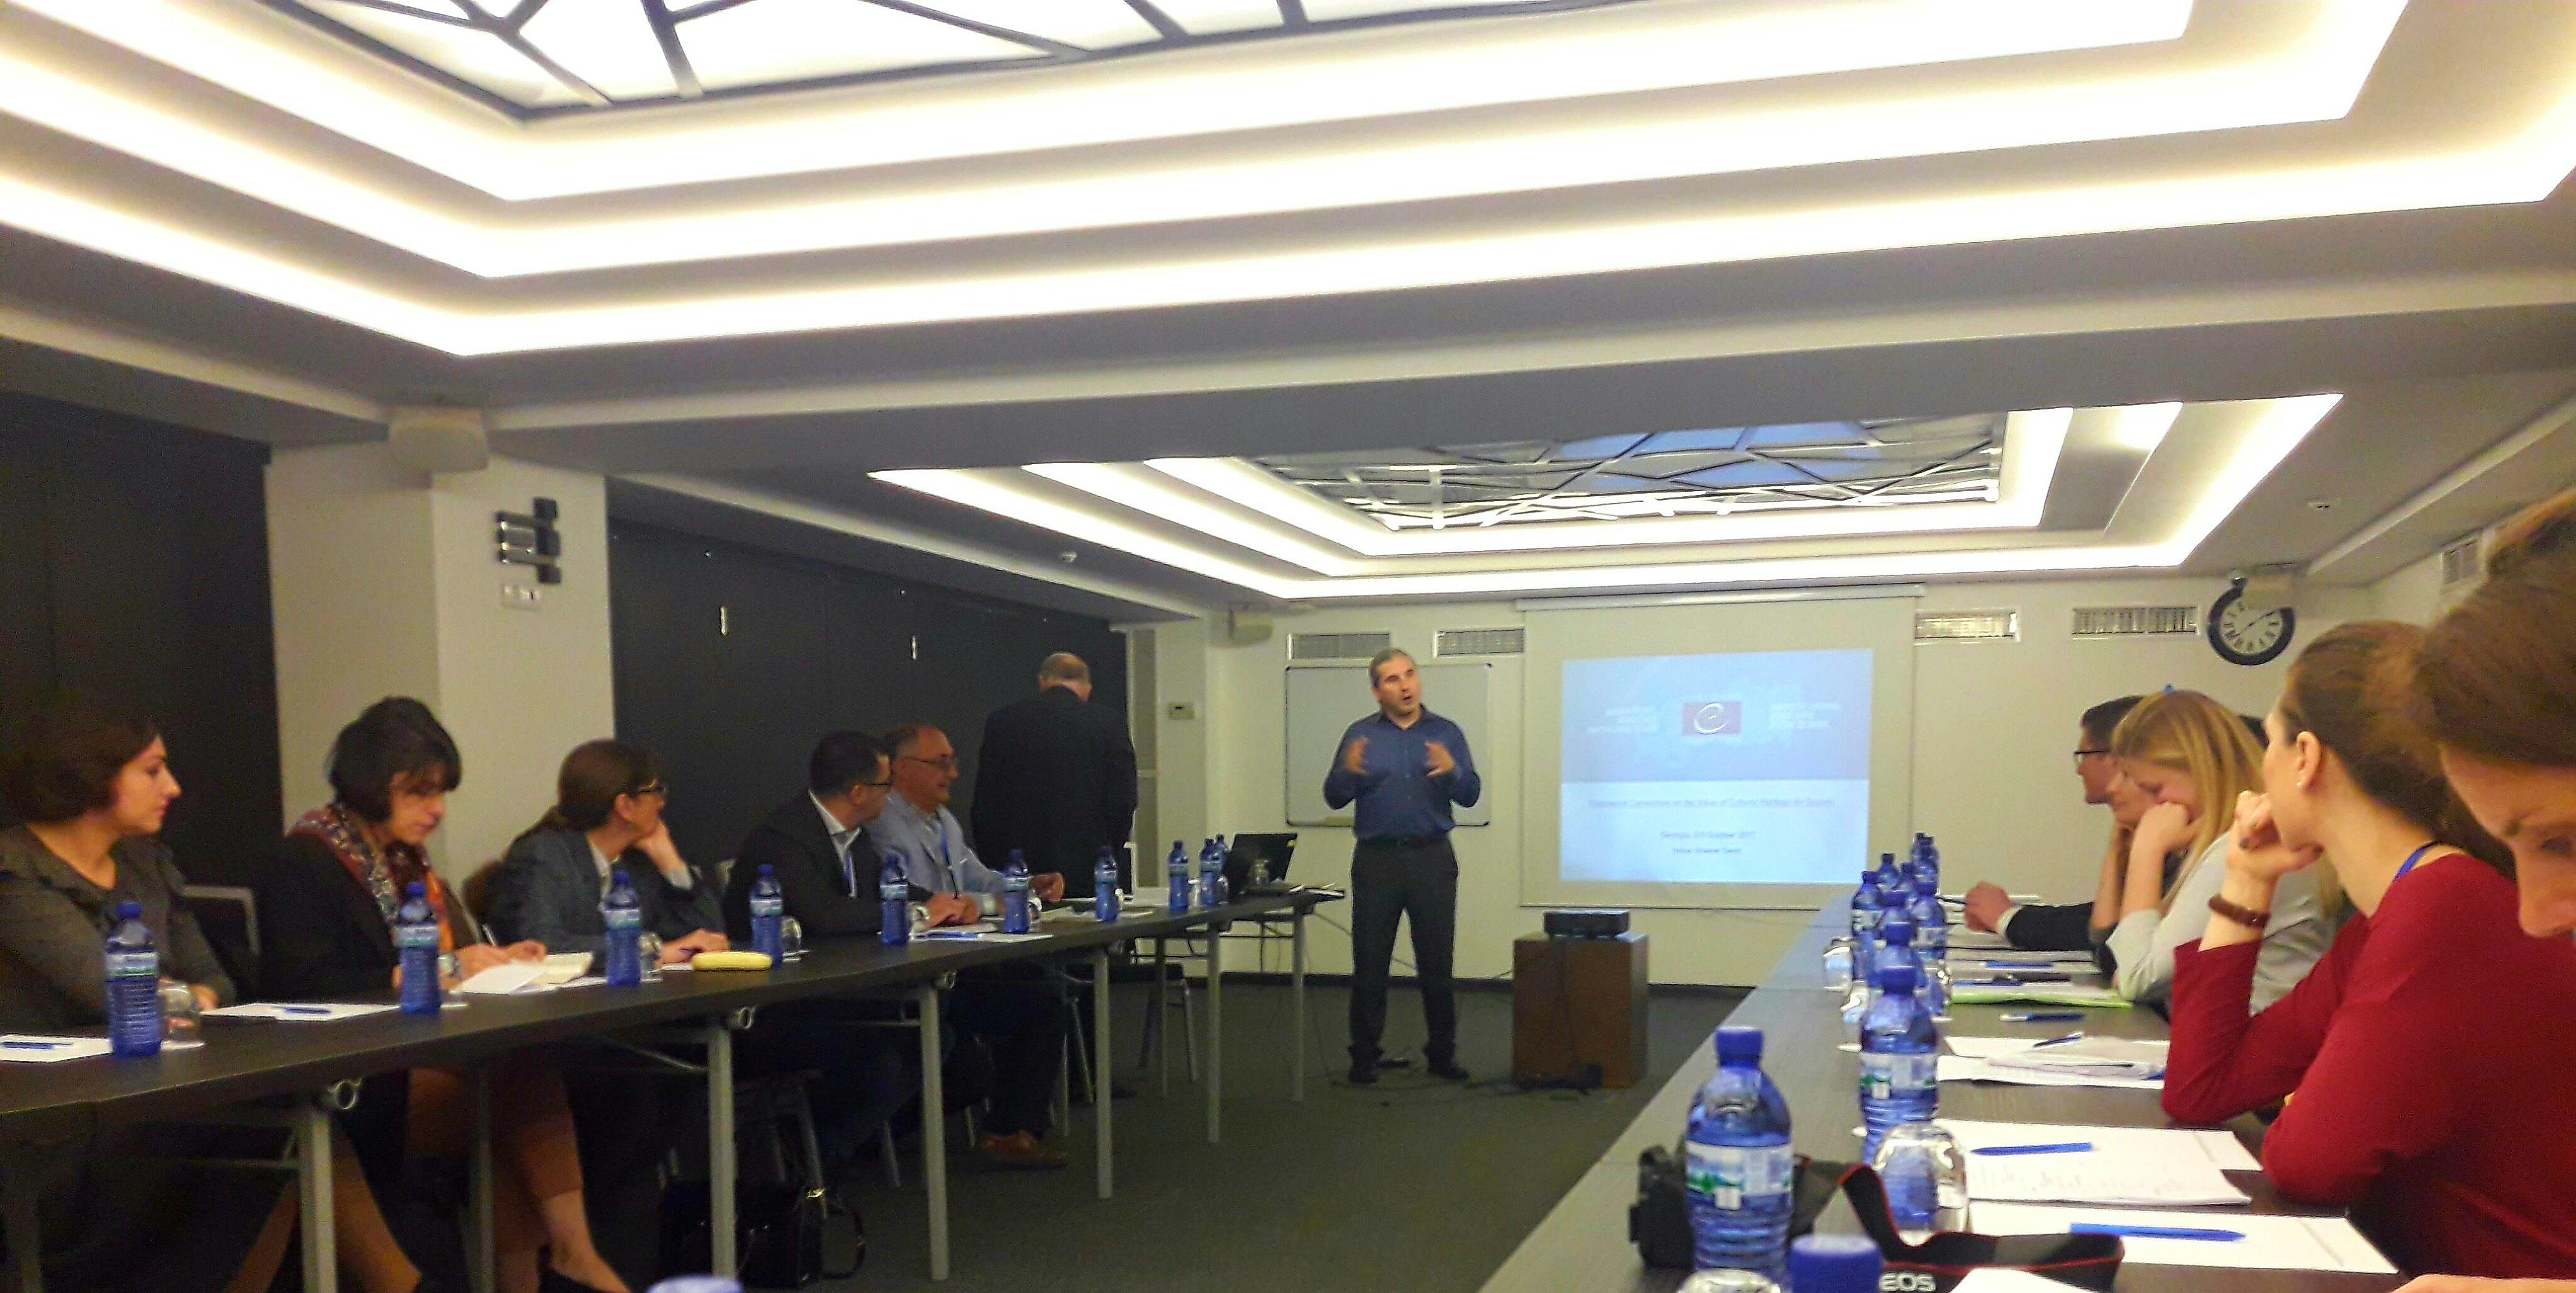 Darbiniai susitikimai | Valstybinės kultūros paveldo komisijos nuotr.